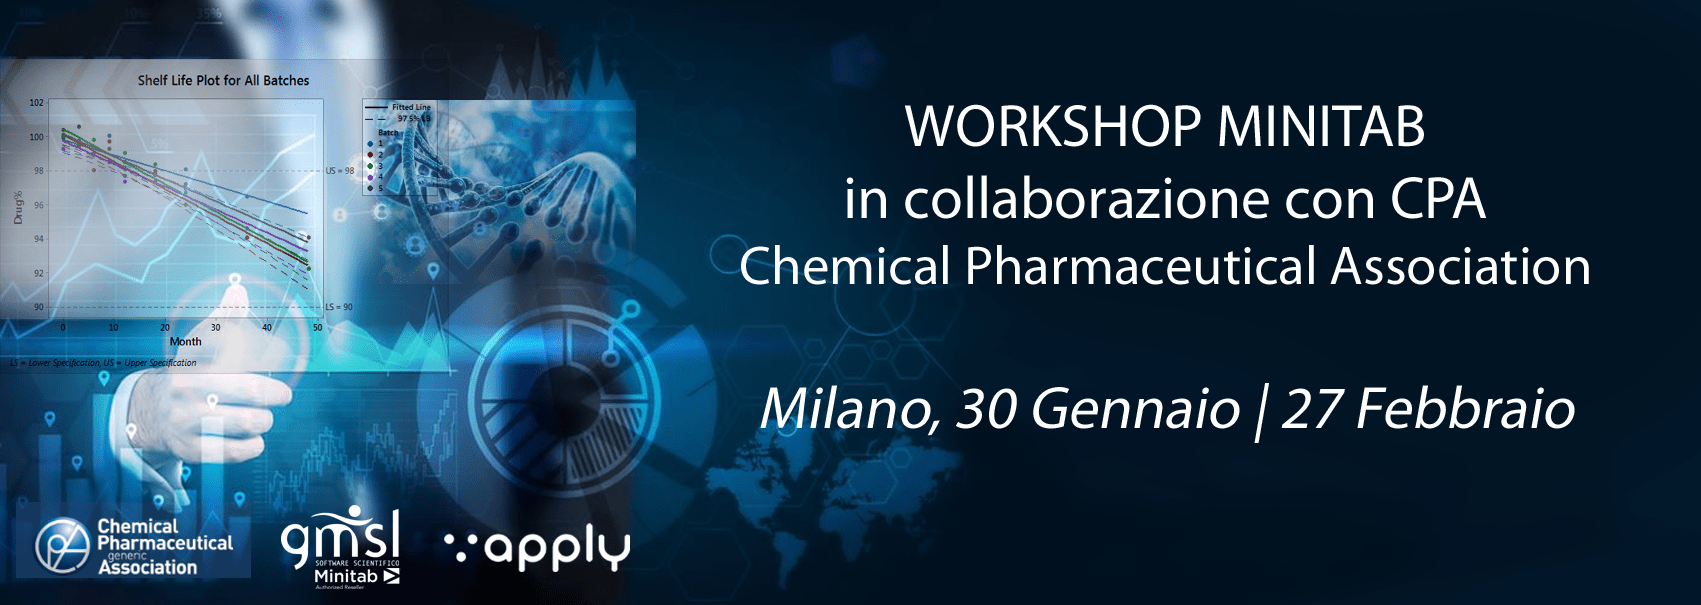 2019_01_02_CPA-1 Minitab | Workshop CPA: Processi produttivi in ambito chimico-farmaceutico: controllo, capacità e raggiungimento efficace degli obiettivi